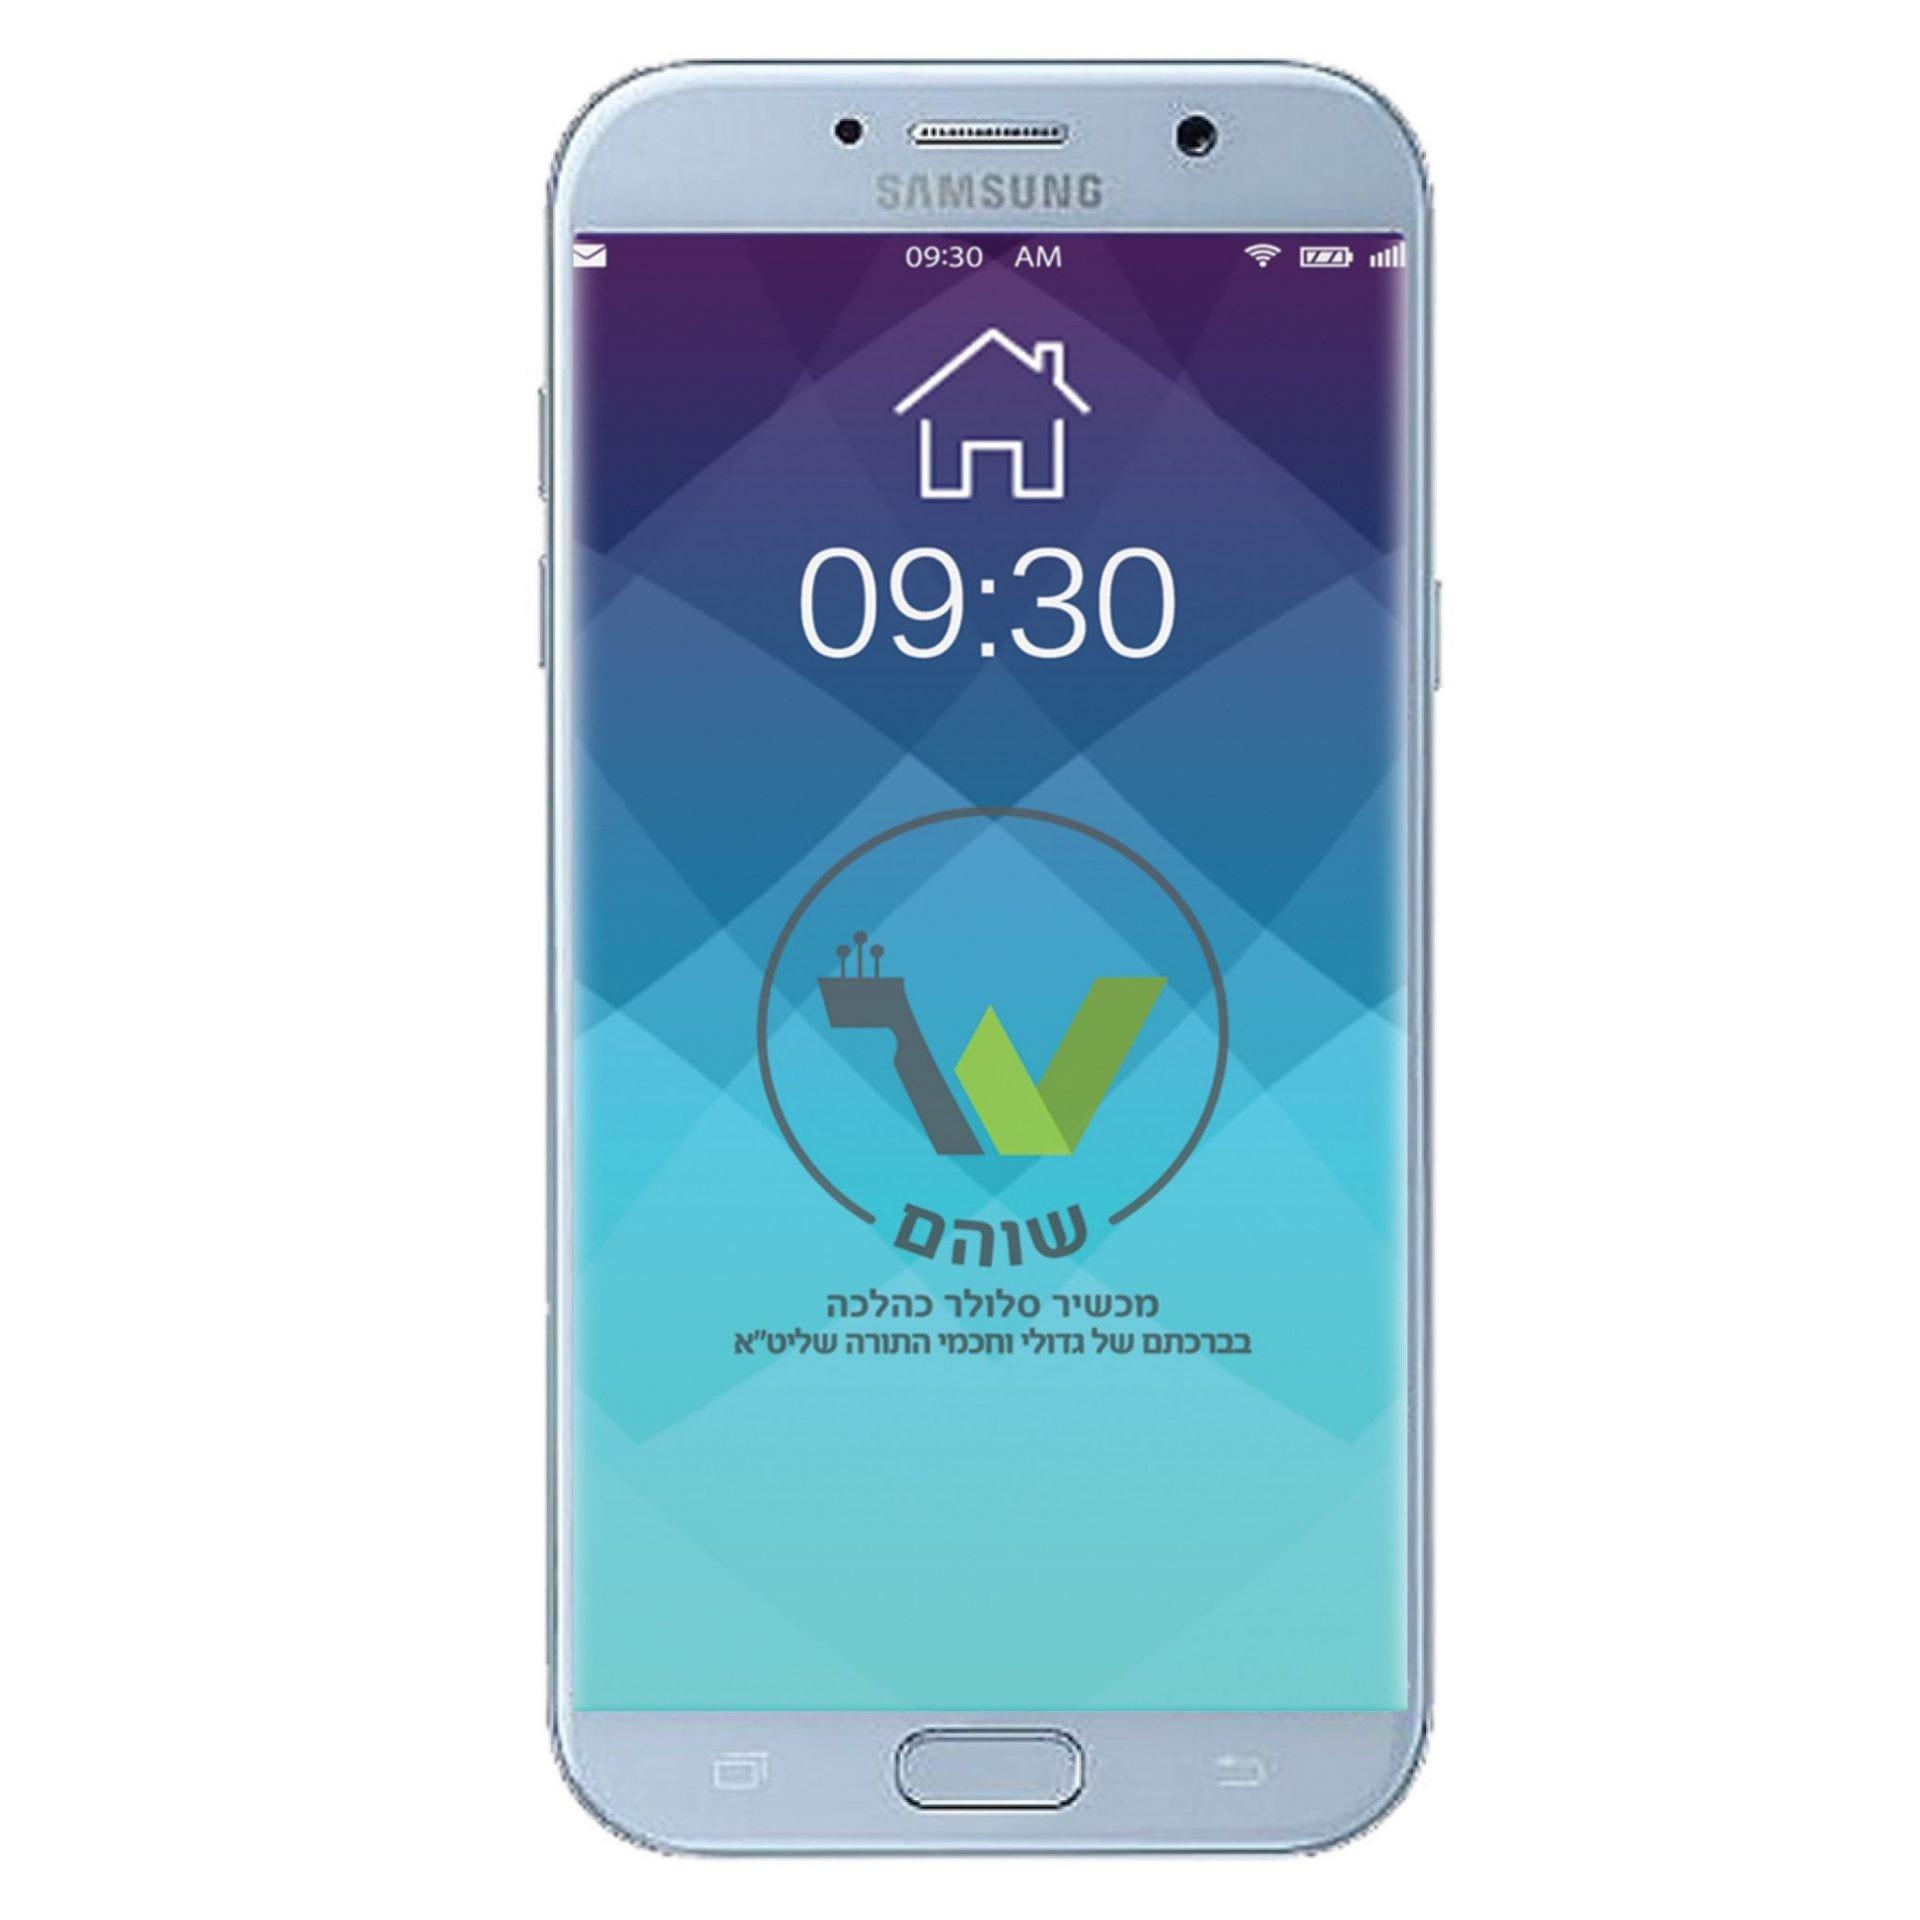 אדיר סמארטפון כשר-שוהם Samsung Galaxy A5 בפיקוח הרבנים - Gadget Team QC-63